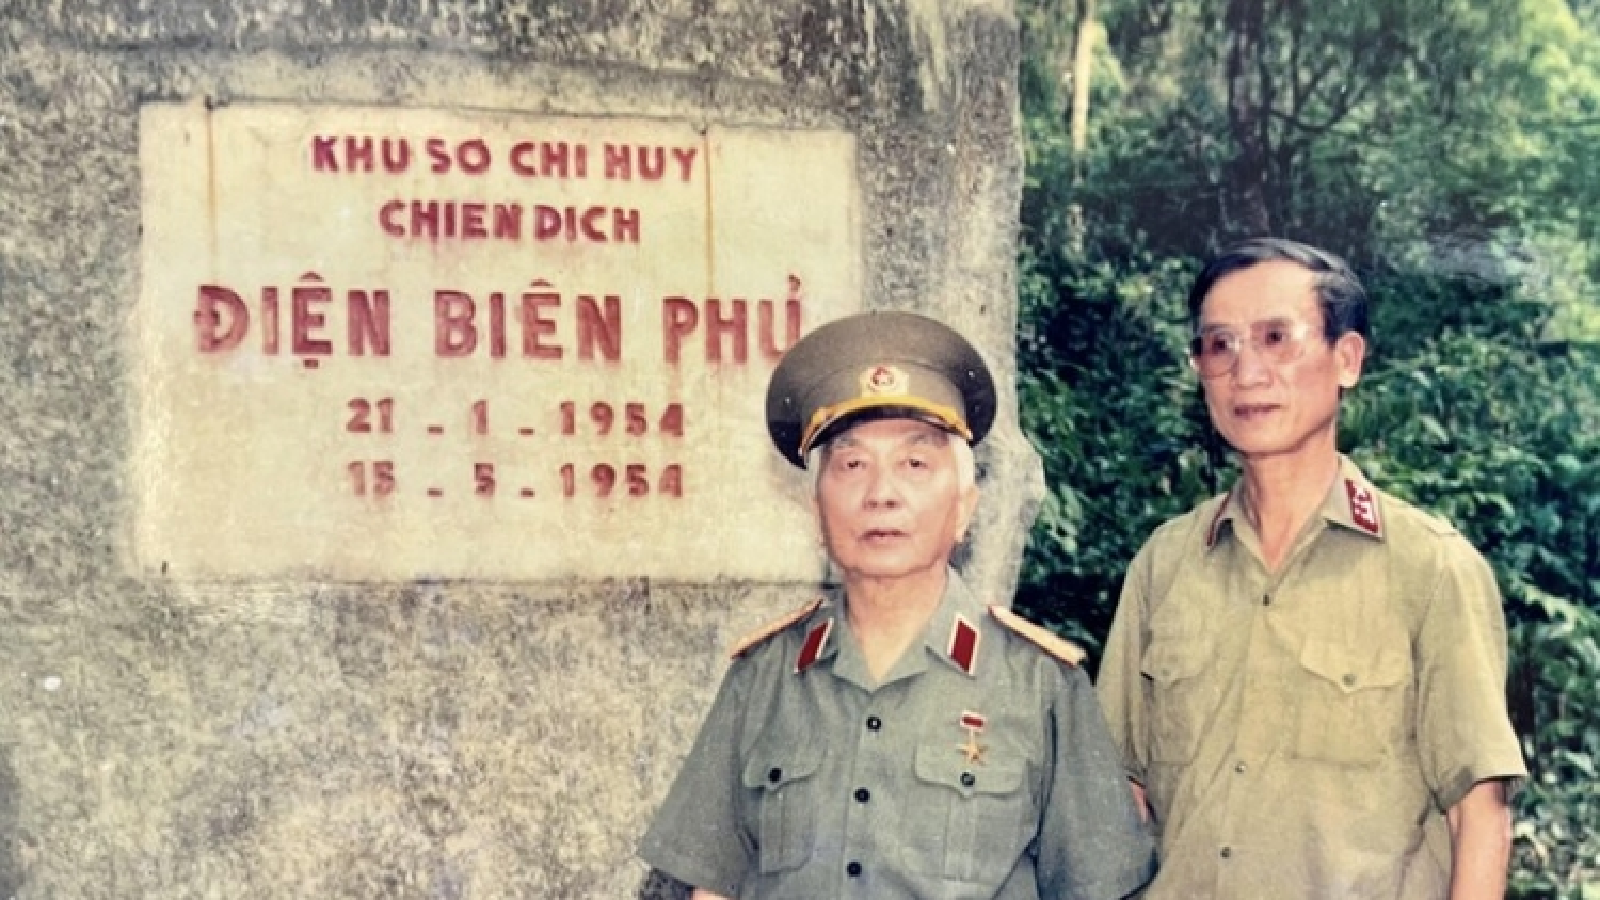 Đại tá Trần Huy Khuông và 3000 bức ảnh về Đại tướng Võ Nguyên Giáp